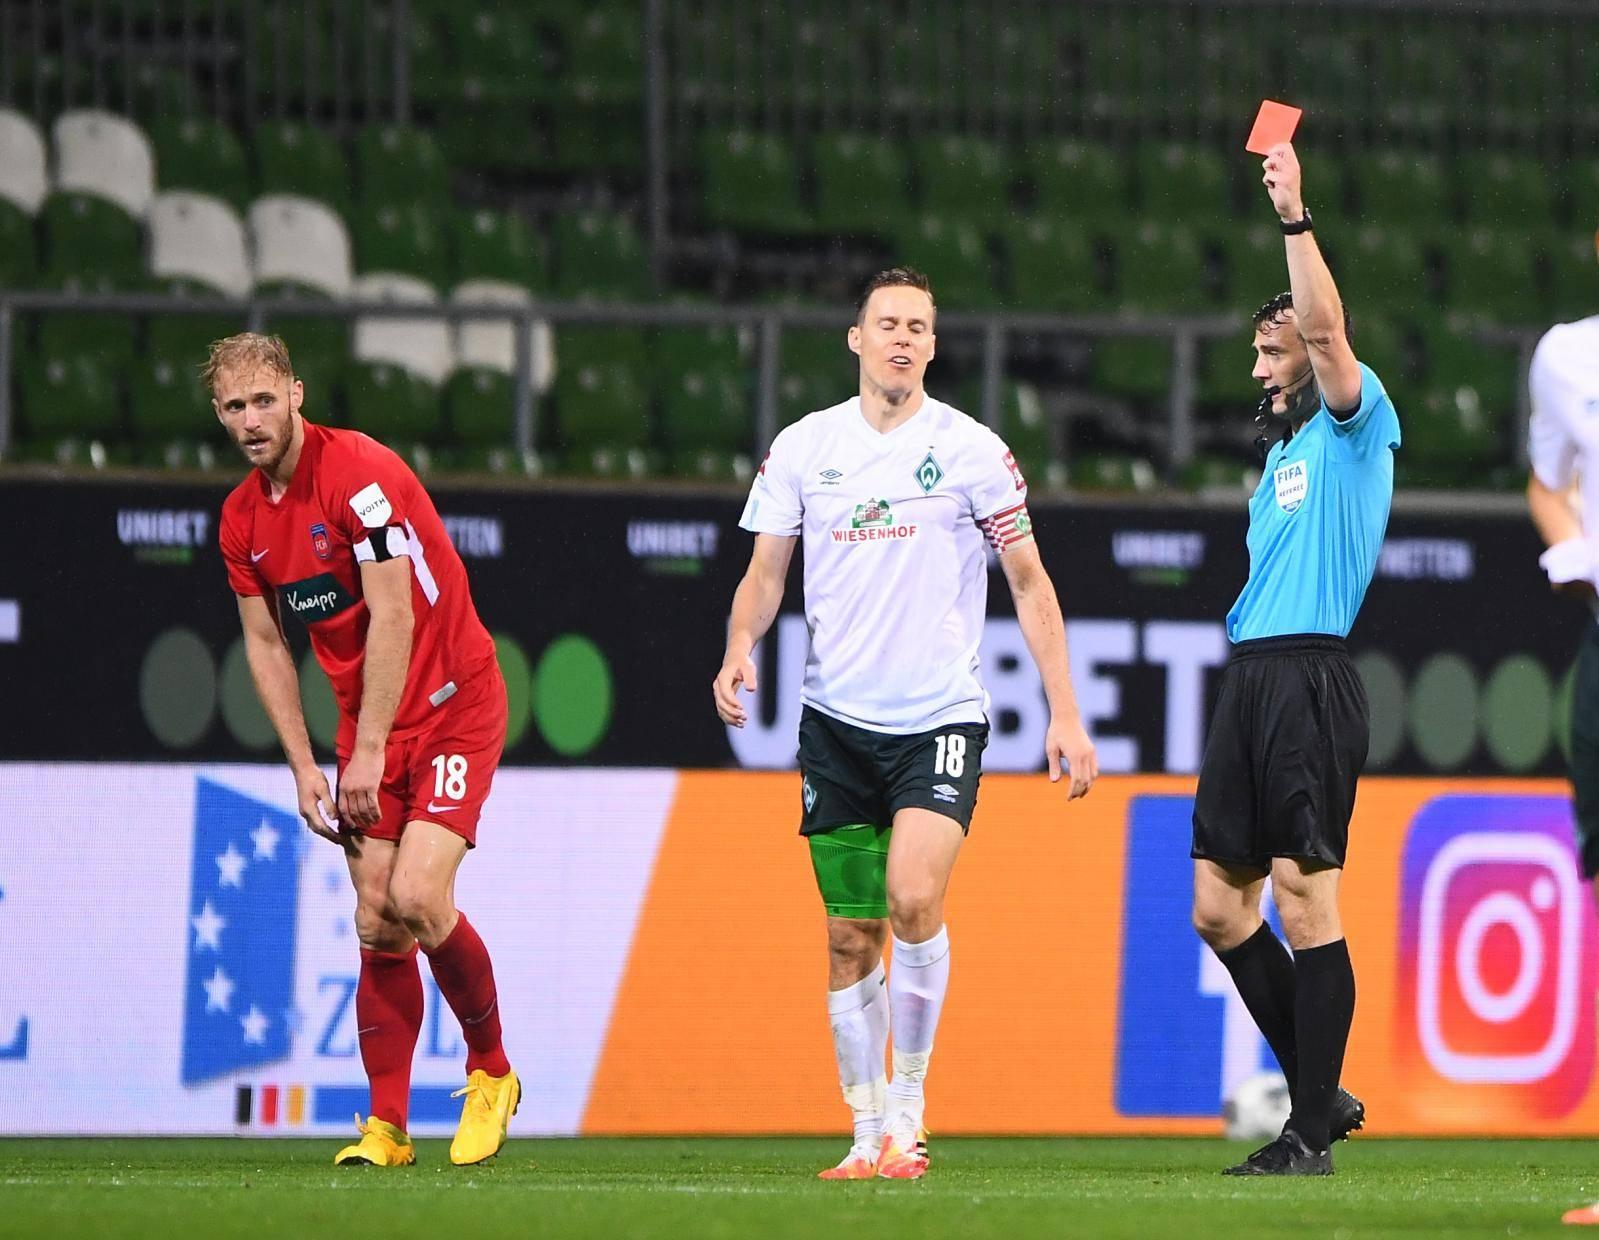 GES / Football / SV Werder Bremen - FC Heidenheim, 02.07.2020